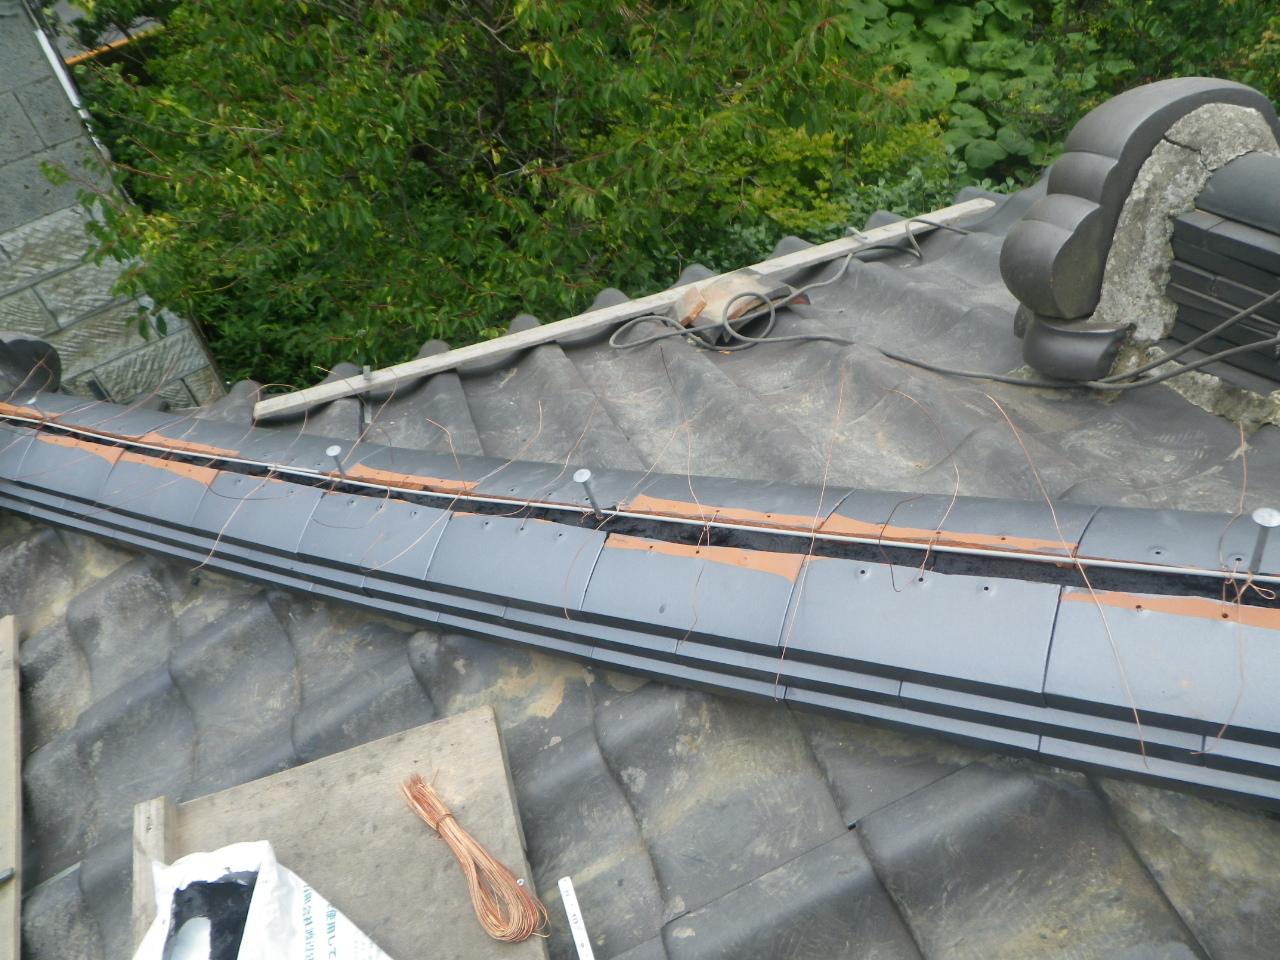 大棟・化粧棟・隅棟・風切丸の積み直しと谷板金修理工事を行います。in塩谷町